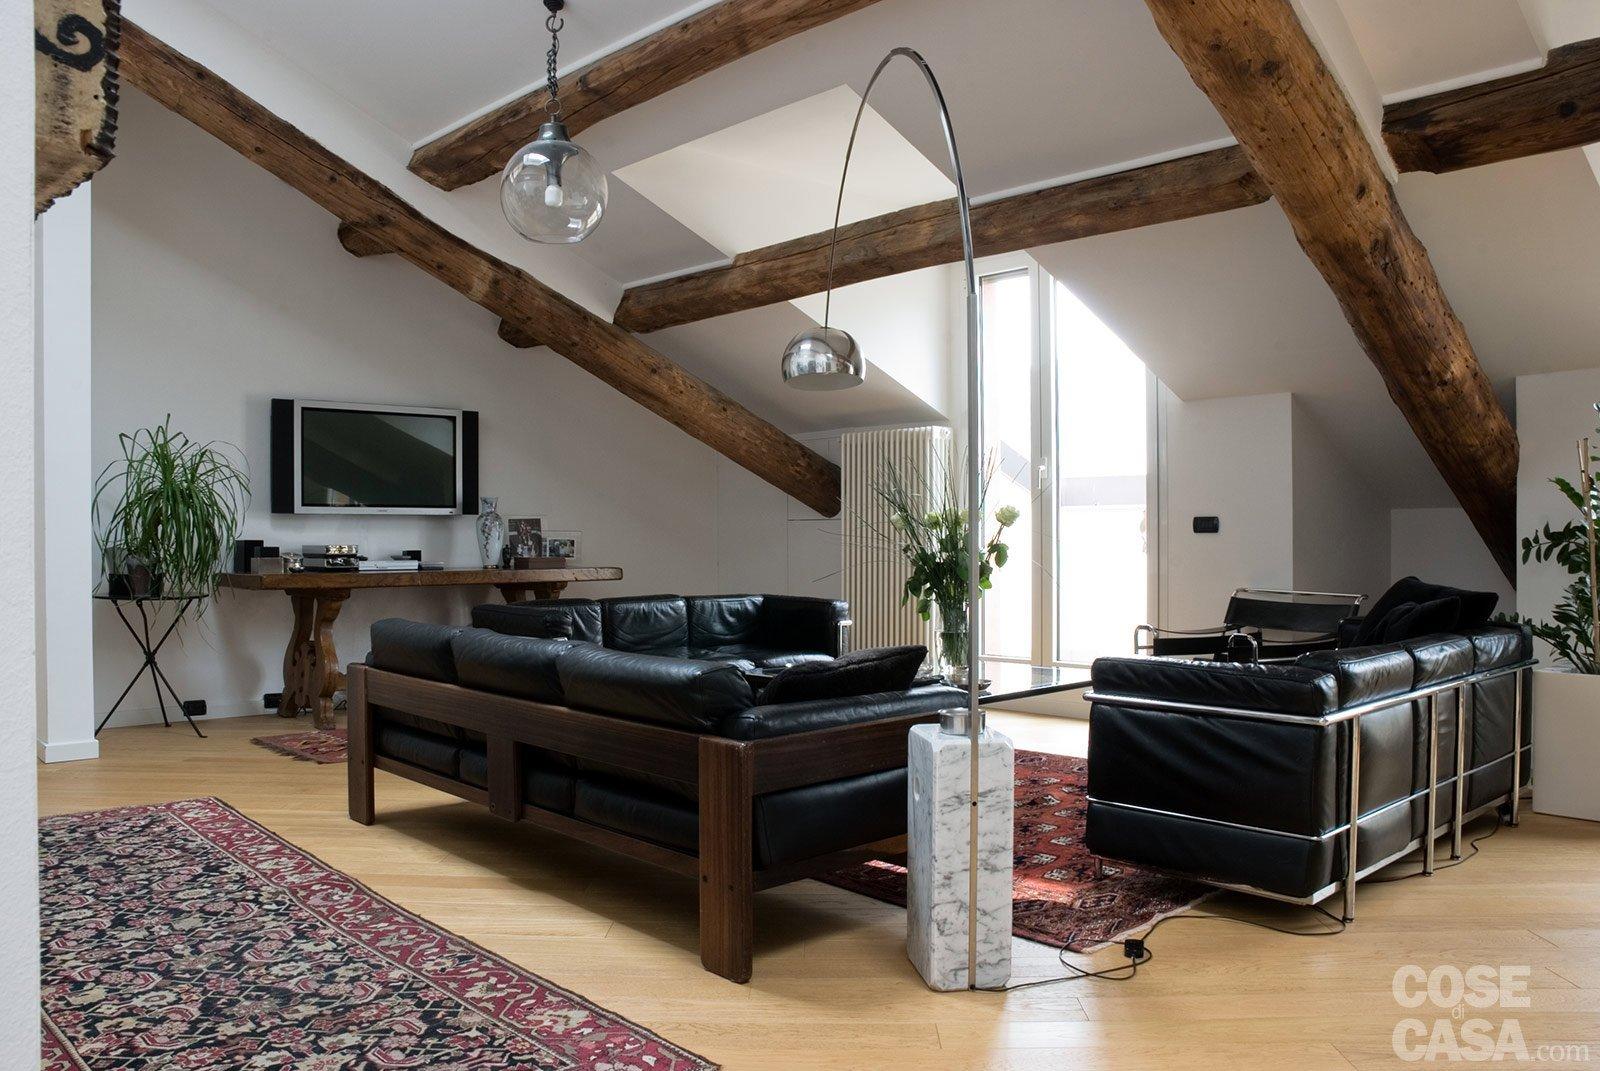 Sottotetto Una Casa Con Travi A Vista Cose Di Casa